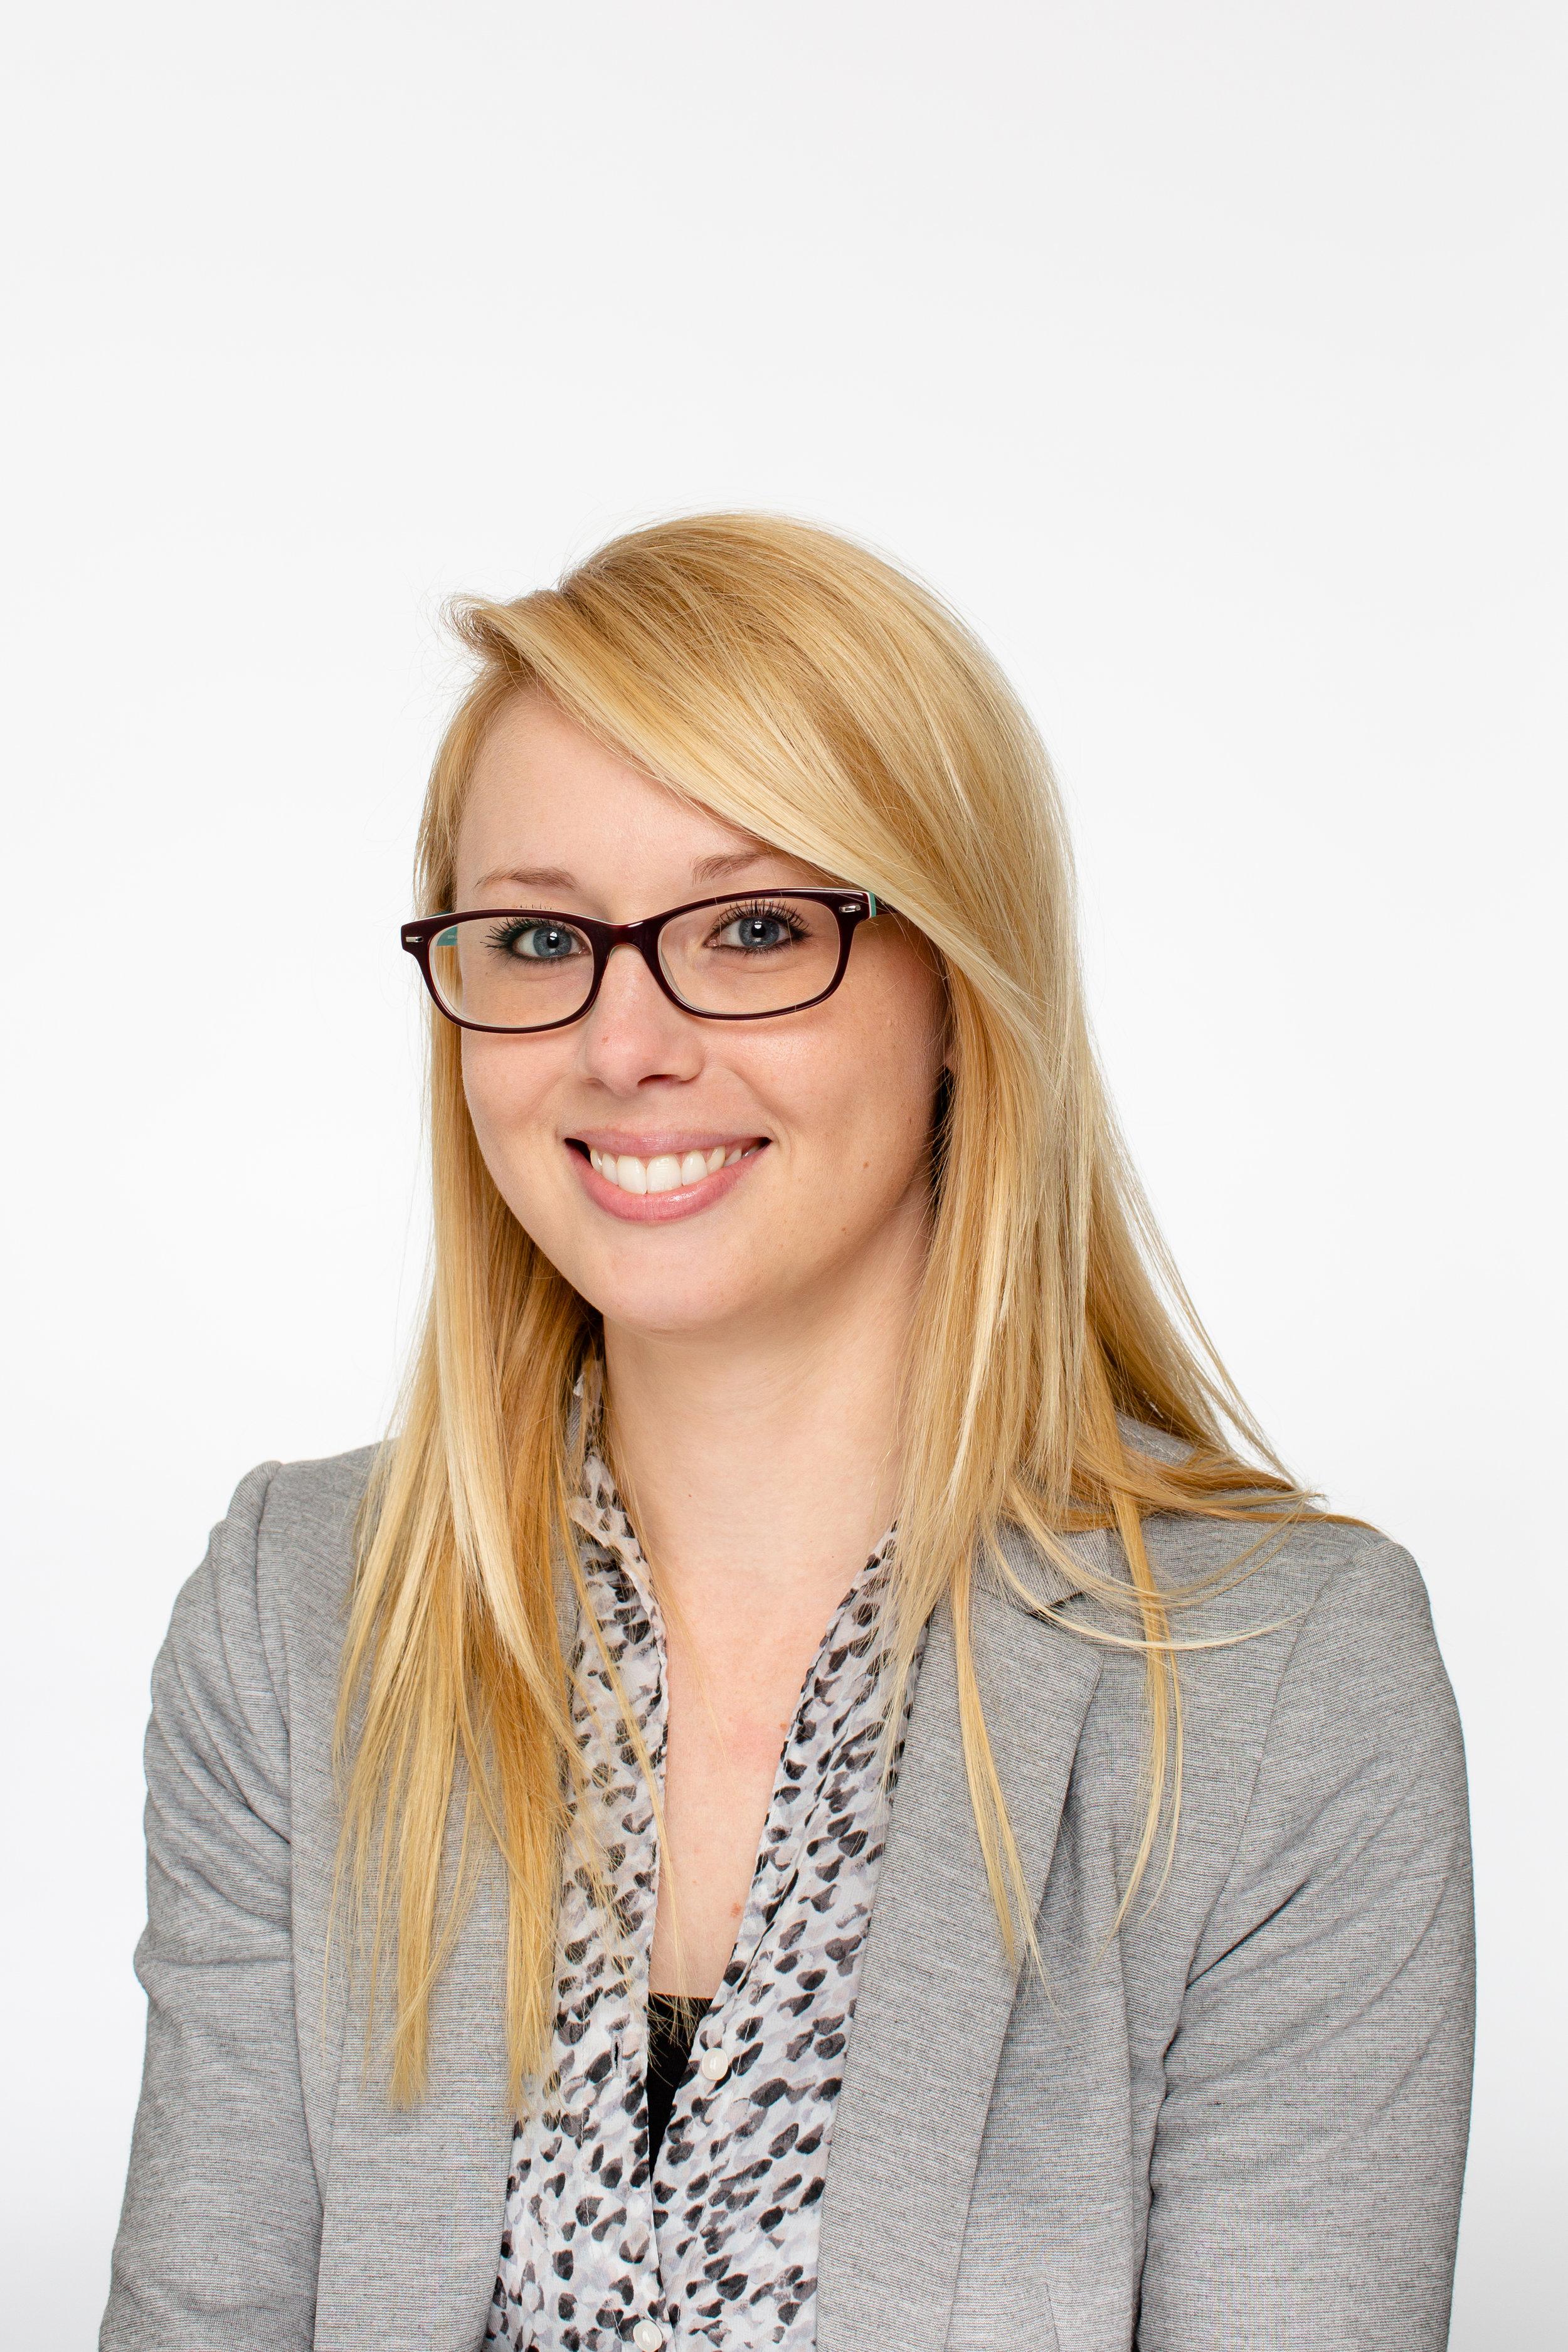 Alexa-Vossler-Photo_Dallas-Headshot-Photographer_Schneider-Electric-Headshots-10.jpg